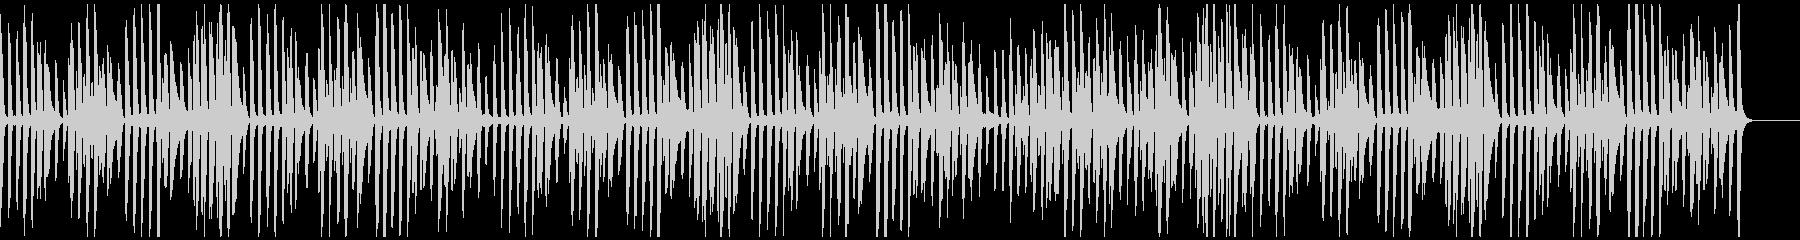 日常/トーク/かわいい/ピアノソロの未再生の波形